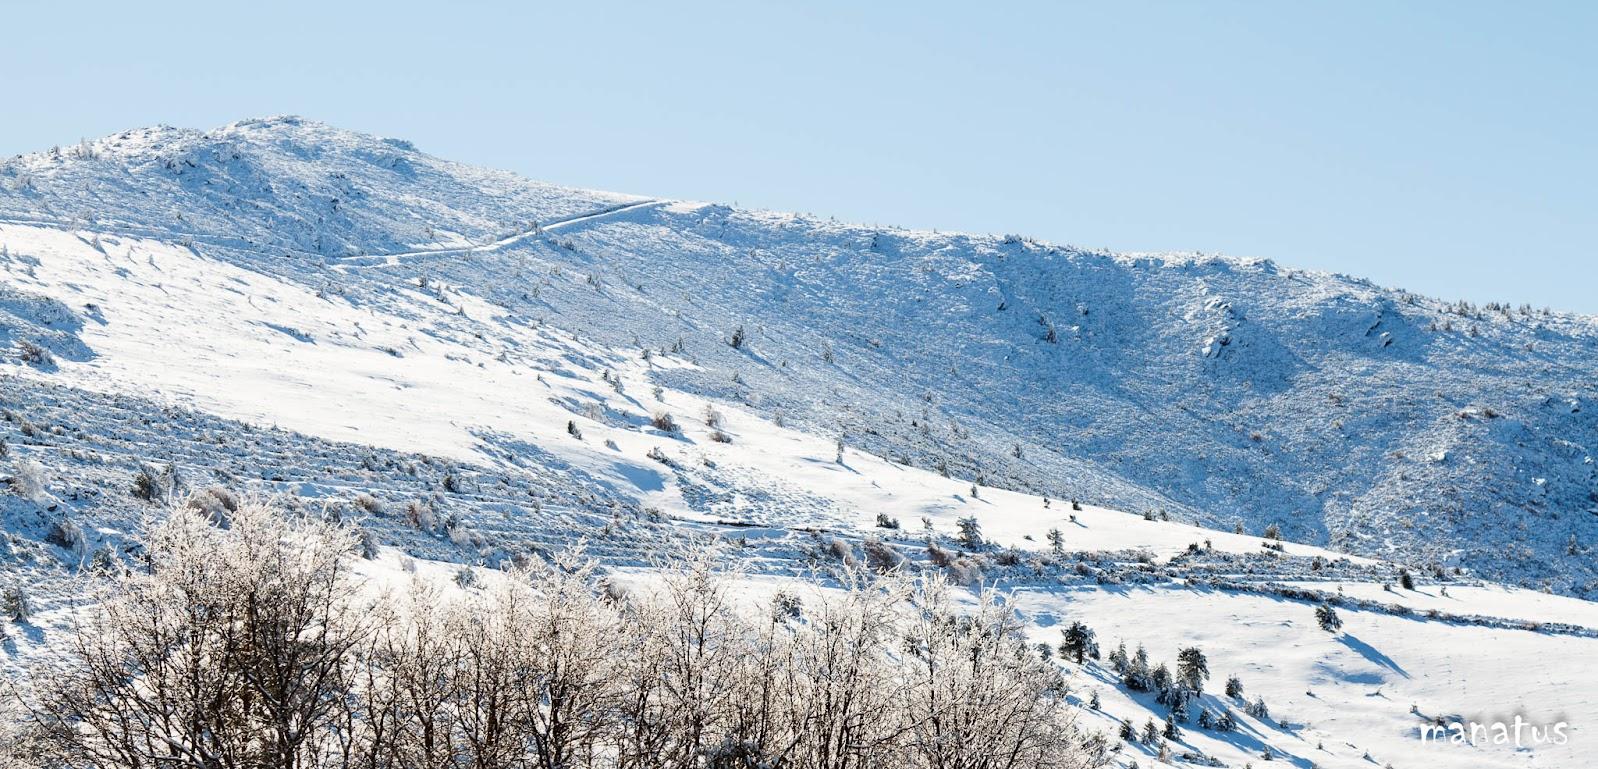 manatus monte nevado